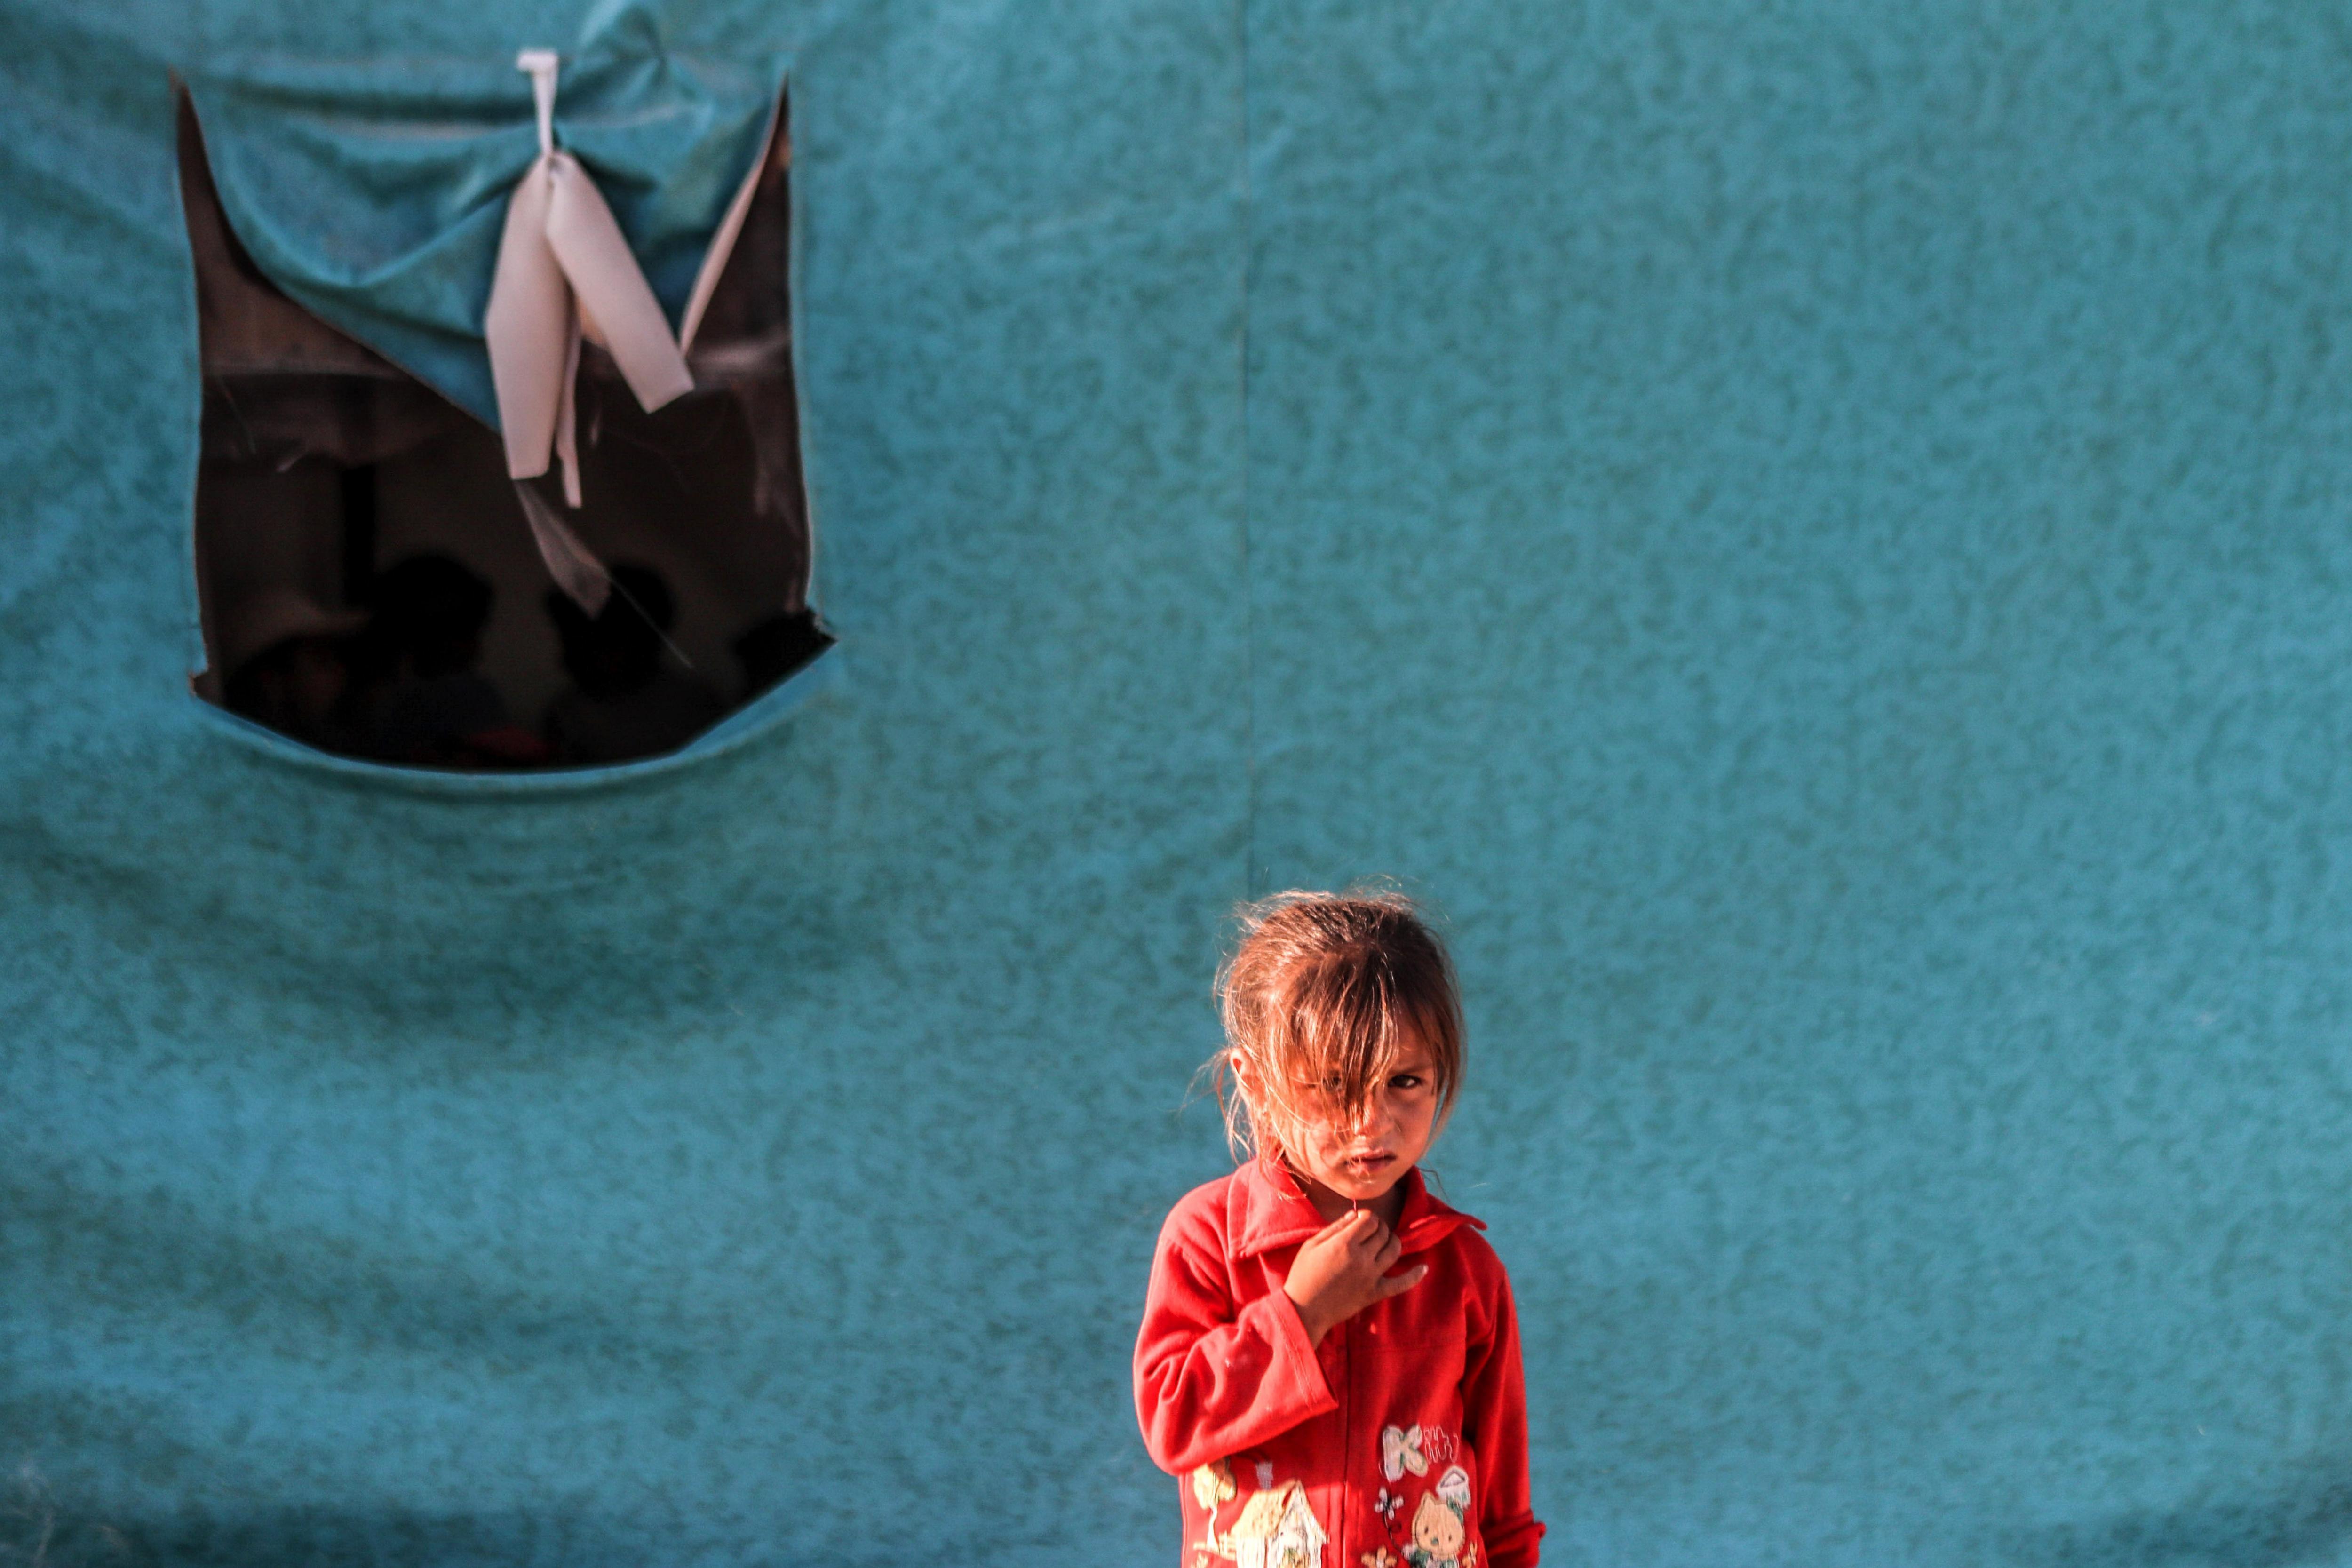 Una nina observa el fotògraf en un campament a la ciutat del-Asha'ari (Síria). /MOHAMMED BADRA